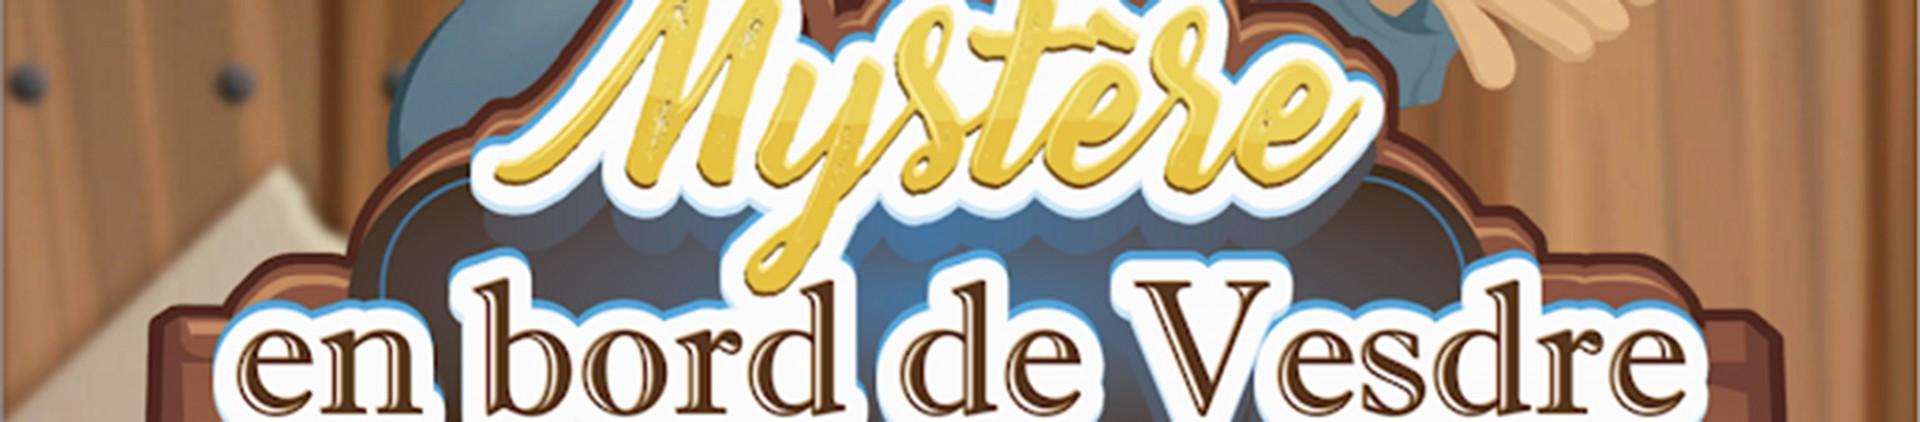 Voyagez… en toute sécurité - Mystère en bord de Vesdre